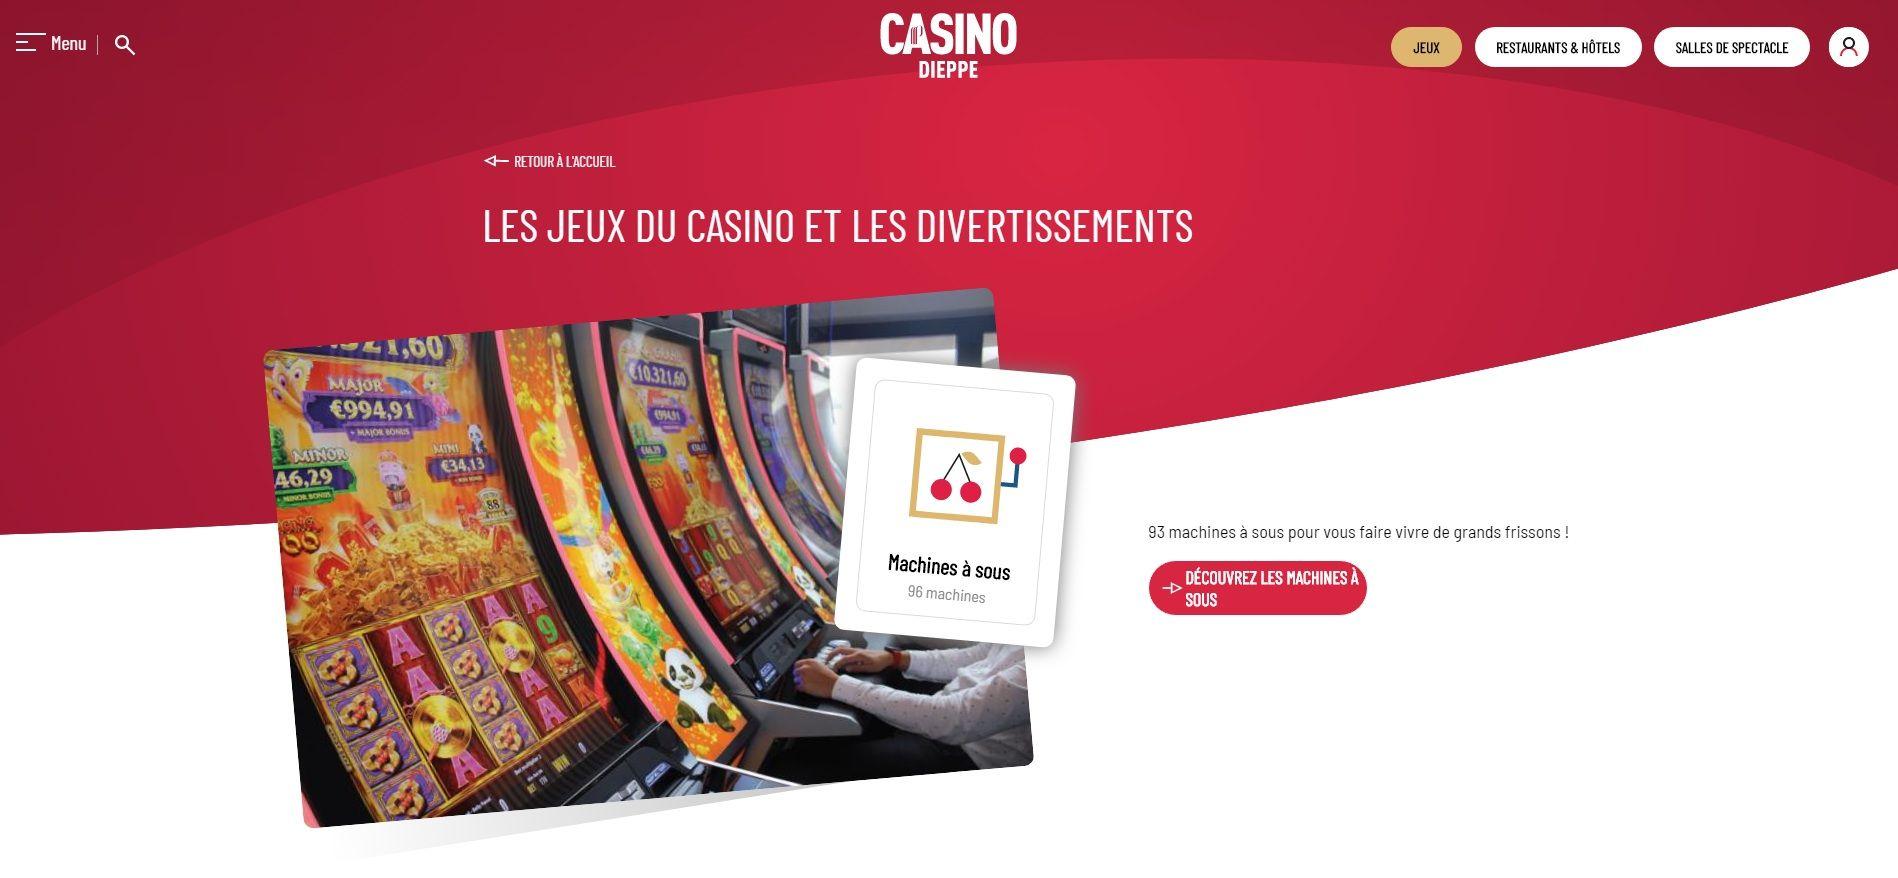 casino dieppe